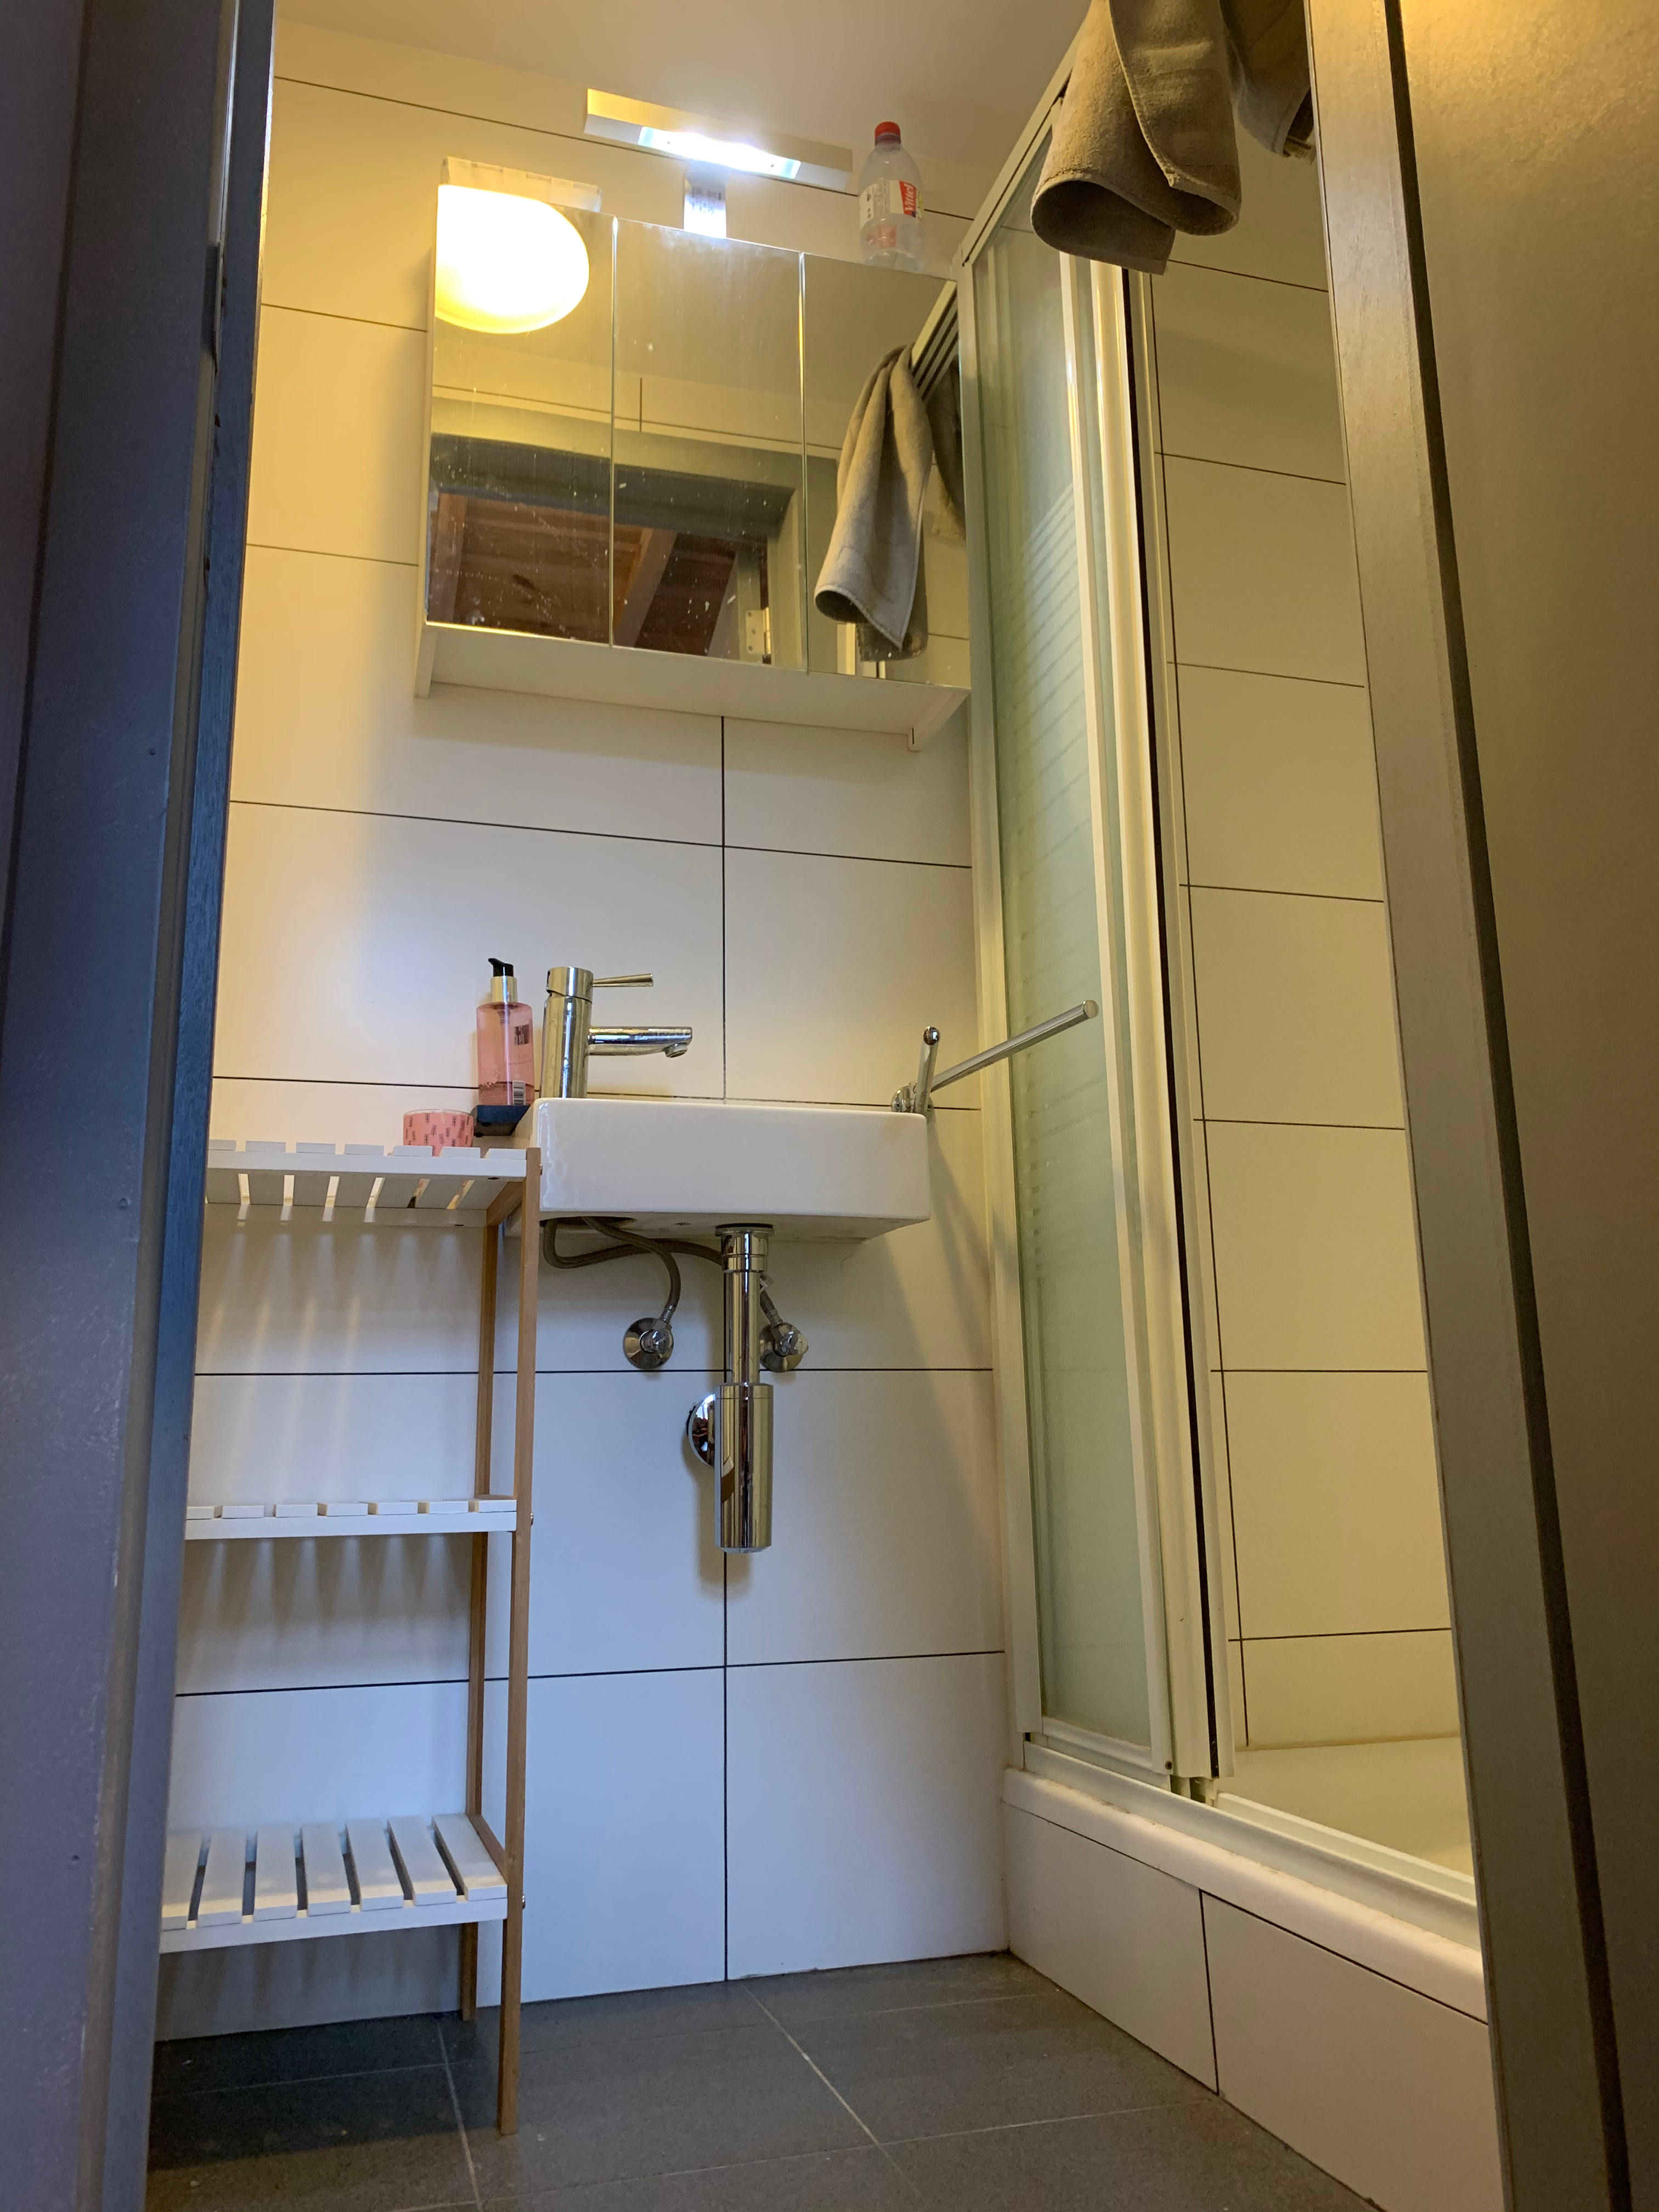 DB5-0102 - sanitair